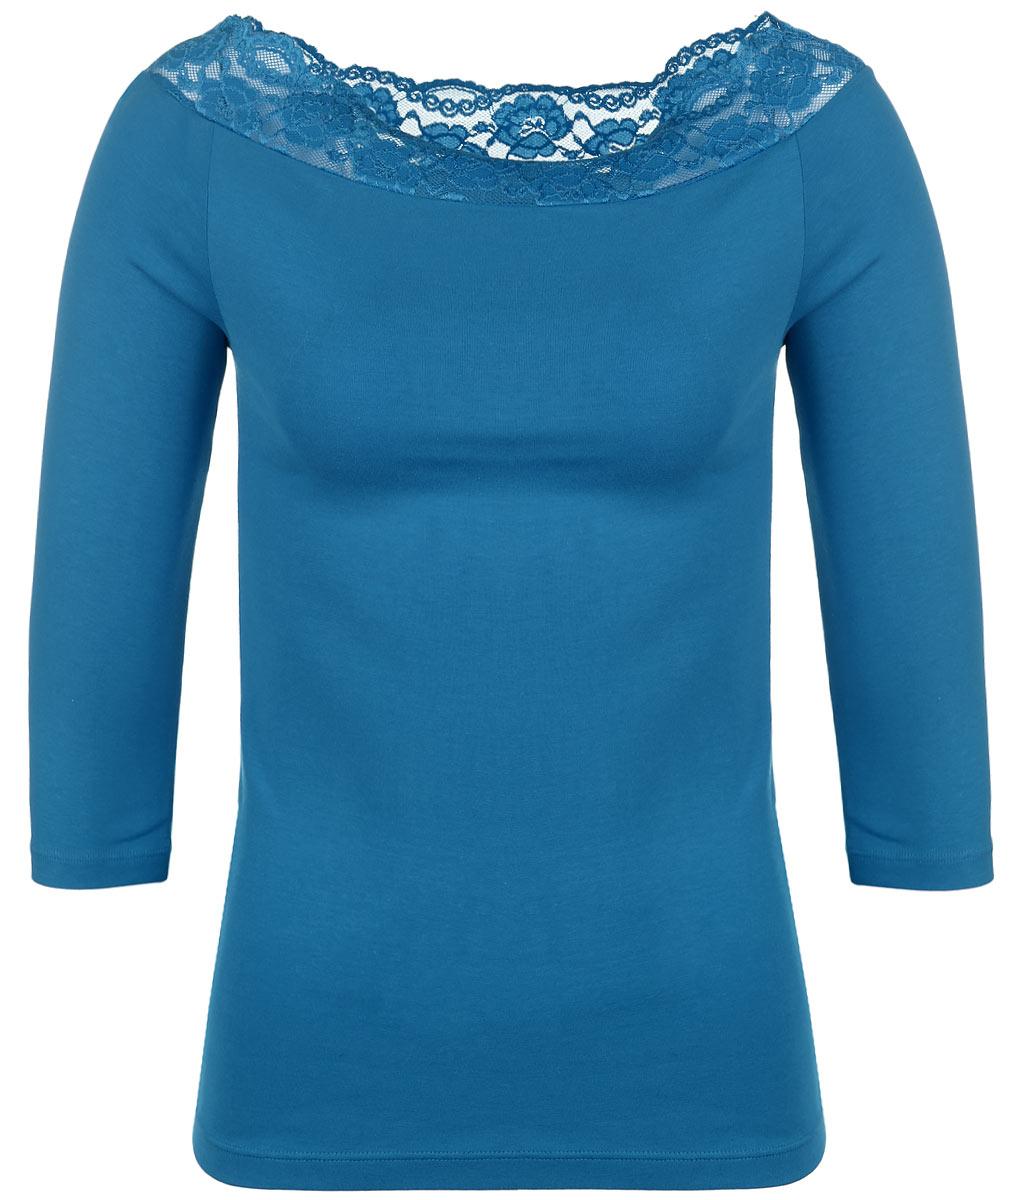 ФутболкаLF1-223Необыкновенно женственная футболка Lowry прилегающего силуэта, изготовленная из хлопка с добавлением лайкры, прекрасно подойдет для любого типа фигуры. Нежнейшее эластичное кружево подчеркнет вашу линию плеч. Ткань не деформируется при носке и приятная на ощупь. Такая замечательная футболка станет как отличным украшением гардероба, так и восхитительным подарком. В ней вы всегда будет в центре внимания!